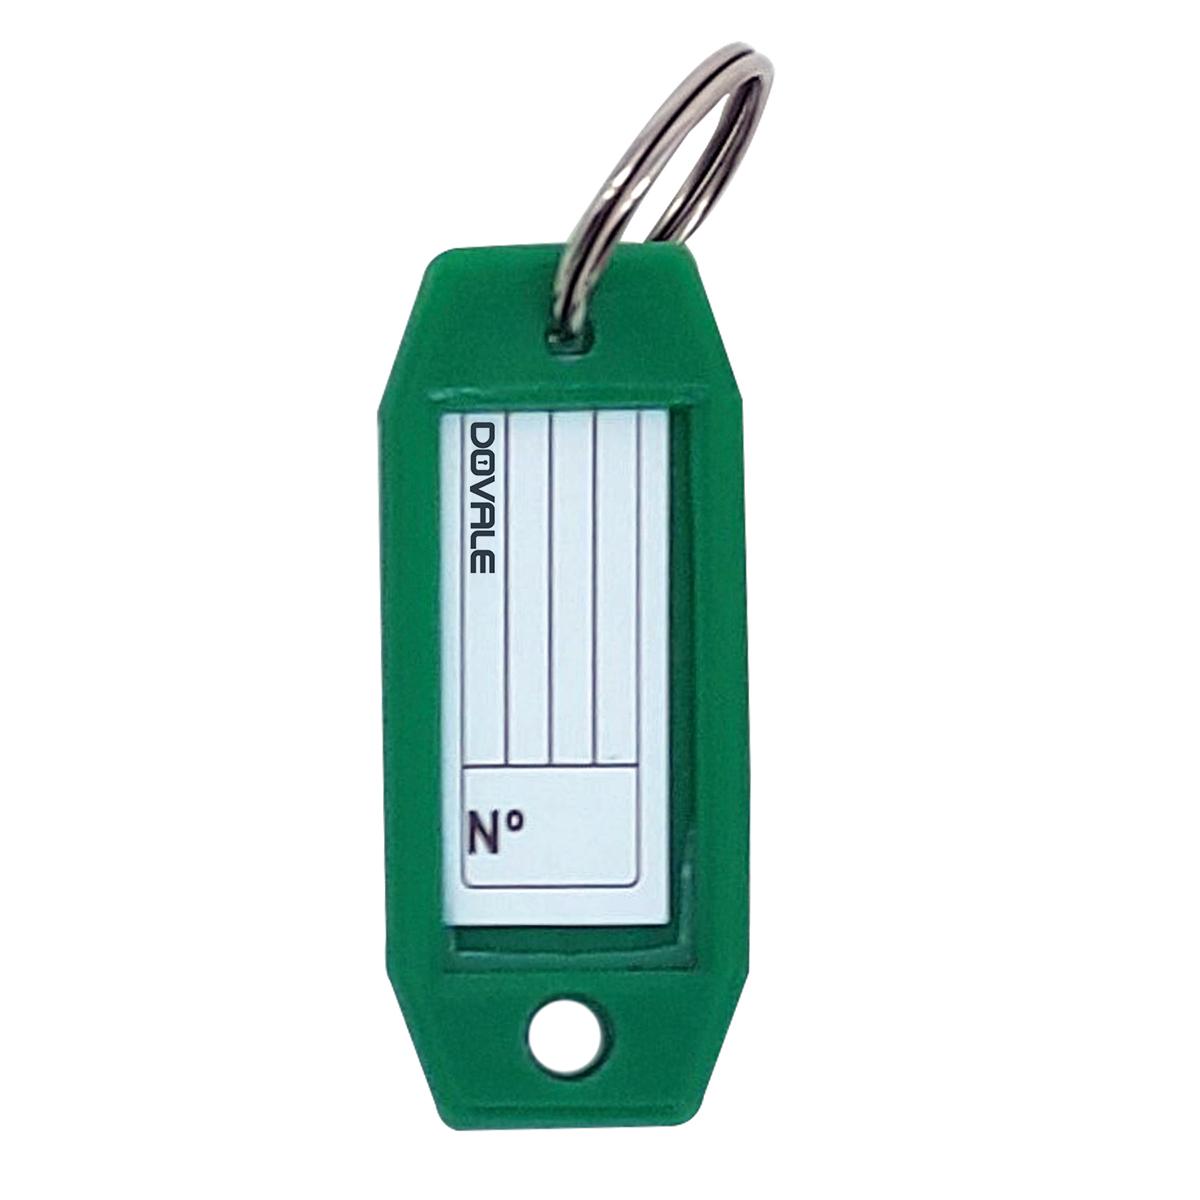 Etiqueta Dovale p/ Chaves Modelo 3 Verde C/10 unid. - 77242